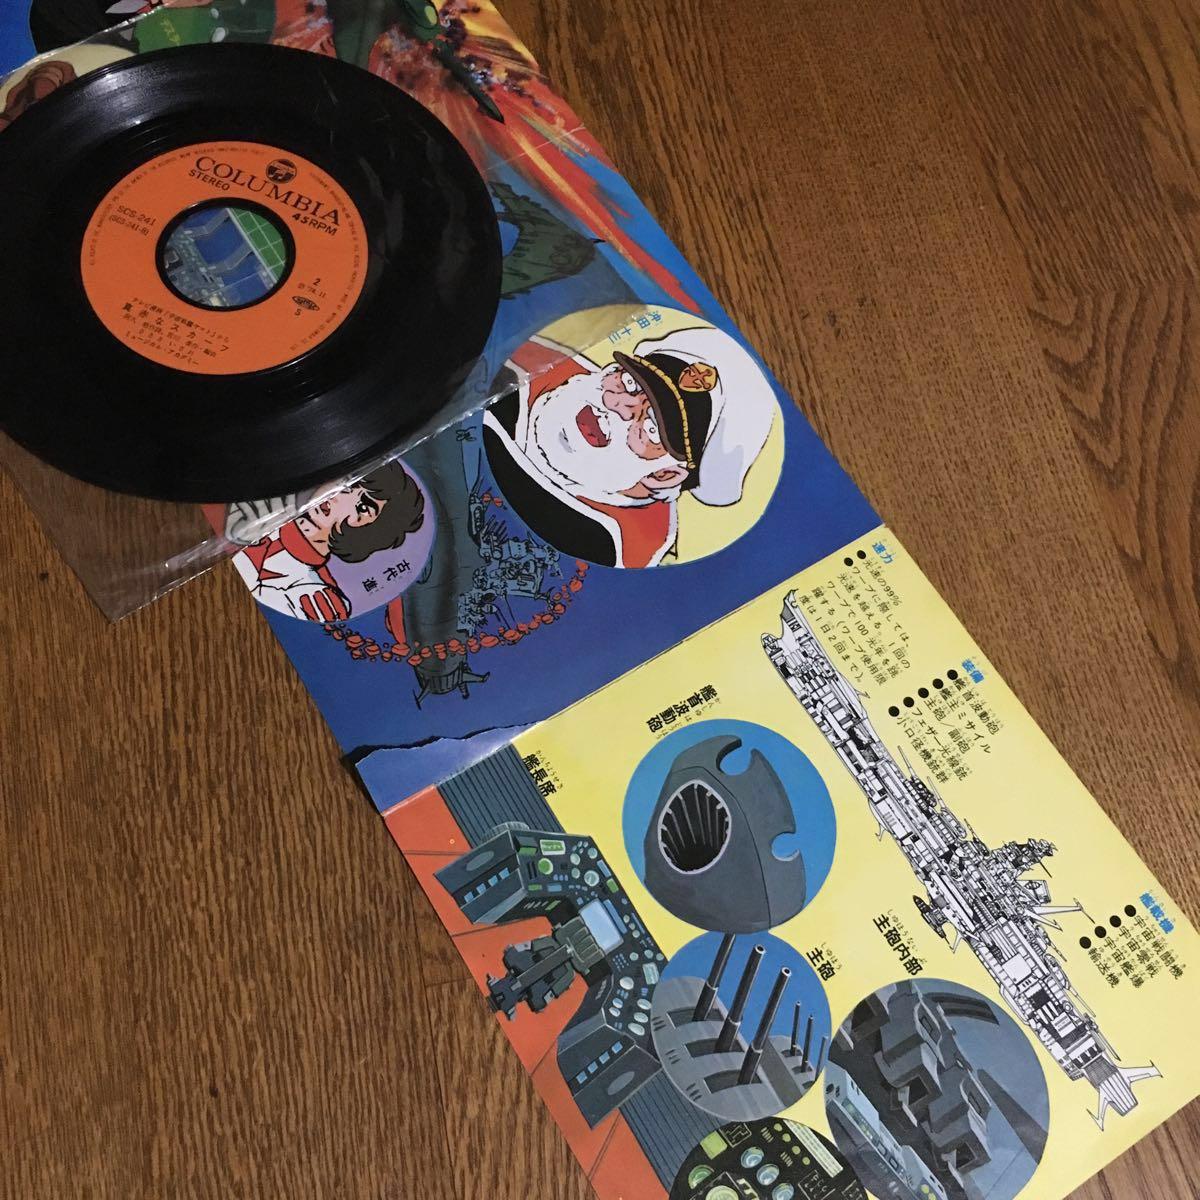 EPレコード☆宇宙戦艦ヤマト☆オリジナル・サントラ☆日本コロンビア☆昭和レトロ☆当時物_画像2